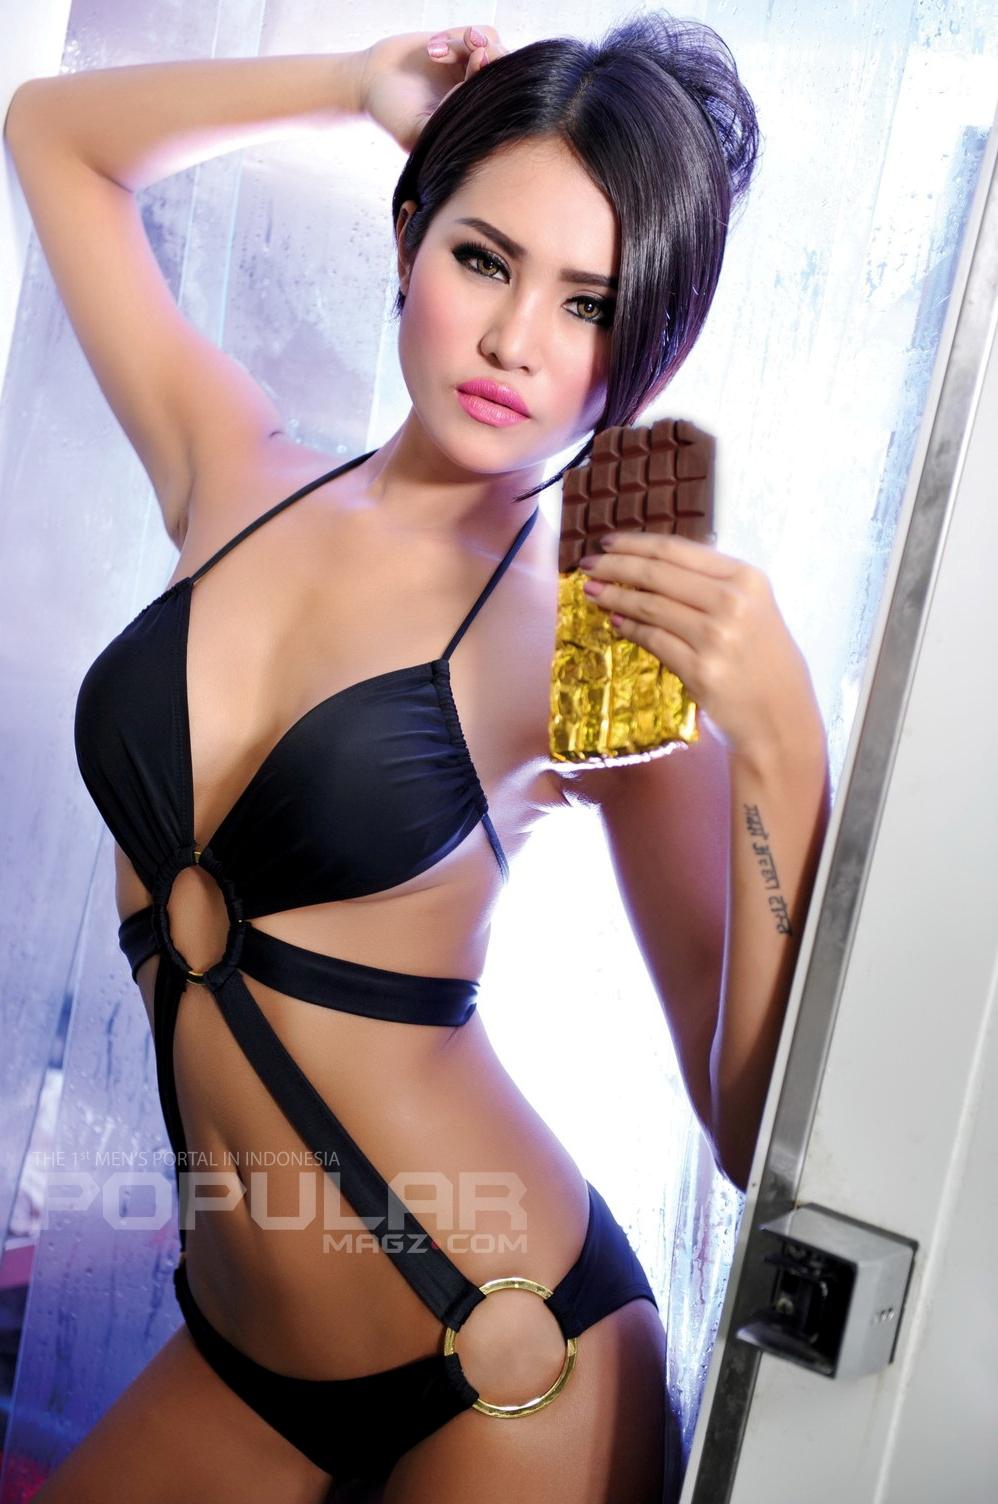 Foto Artis dan Model Majalah Popular   model seksi Laras Monca    Laras Monca